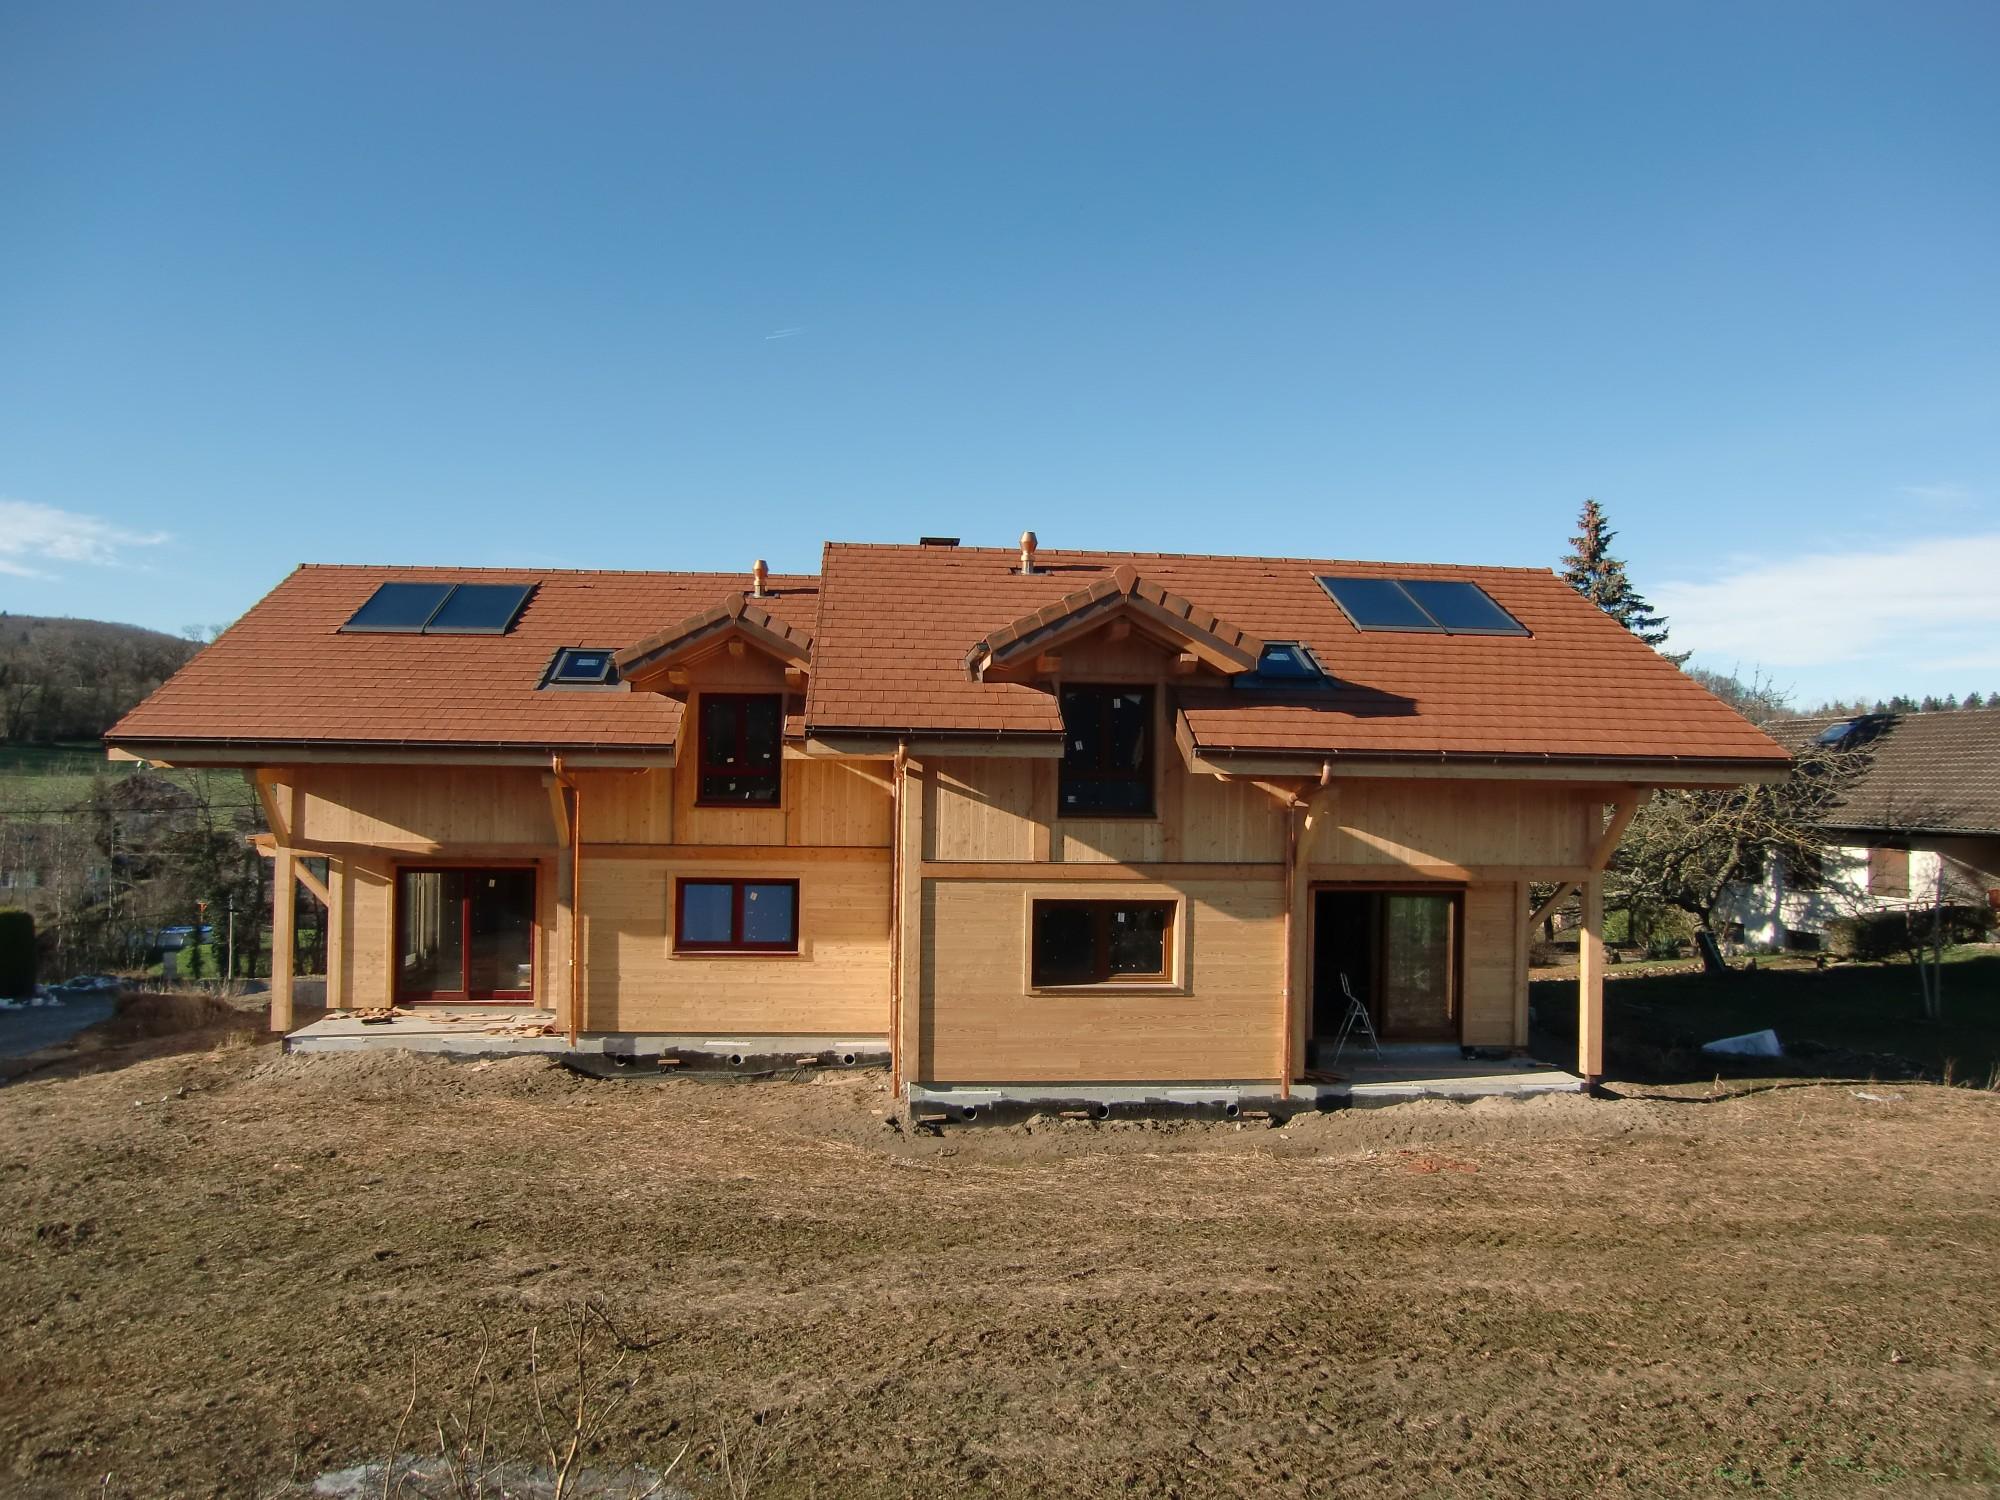 Maison jumele ossature bois amazing maison gico en for Construire une maison ossature bois